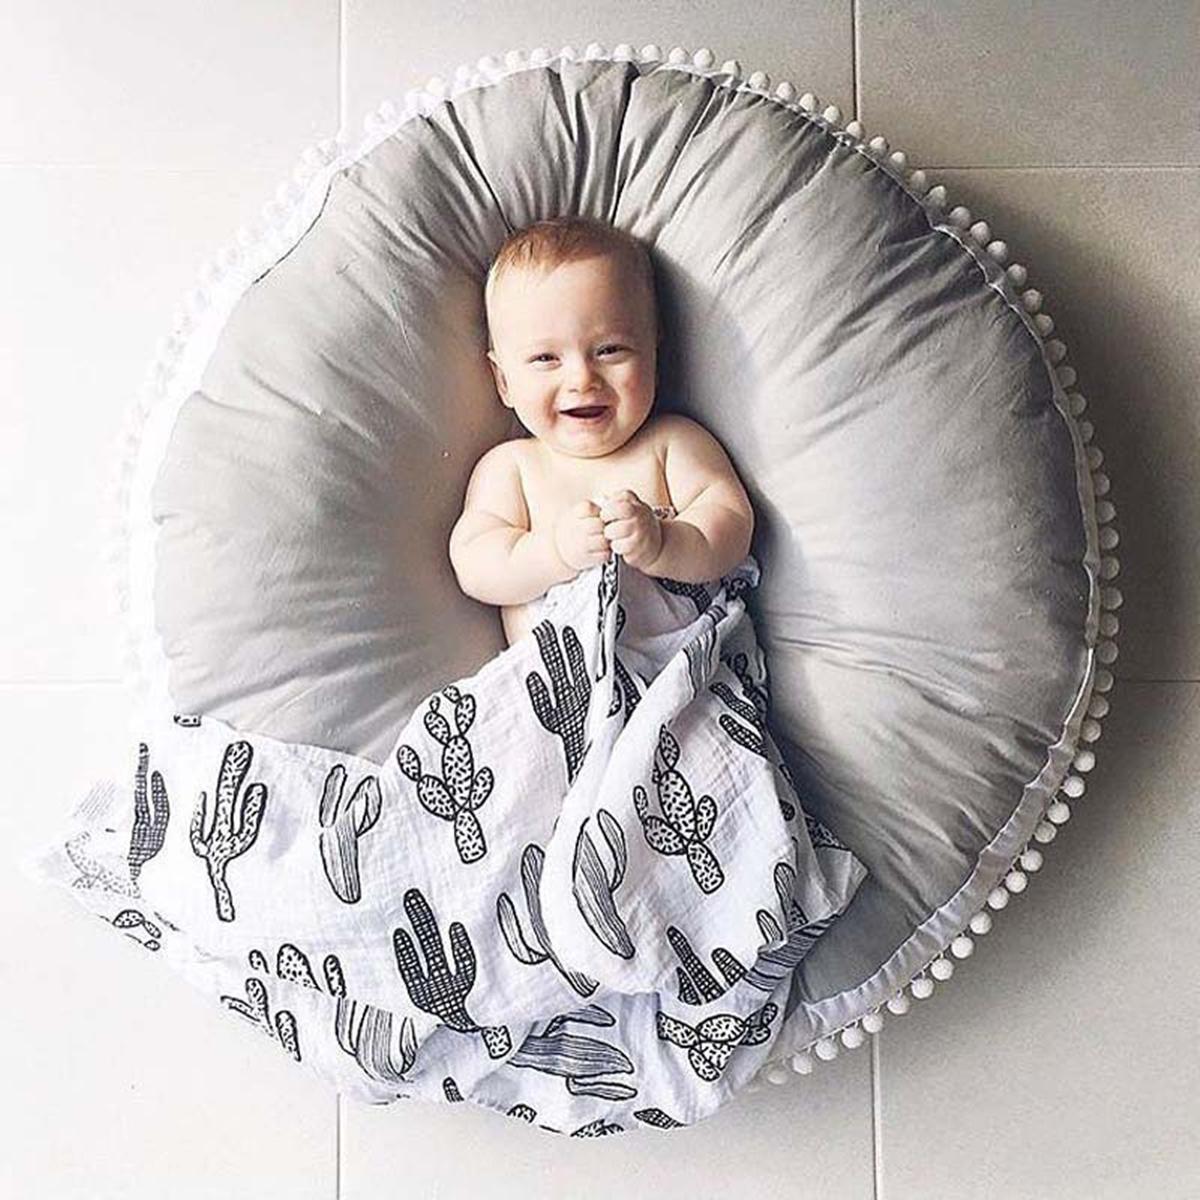 Мягкий хлопок Baby Kids Game Спортзал Активность Baby Play Коврик Ползучее одеяло Напольный коврик